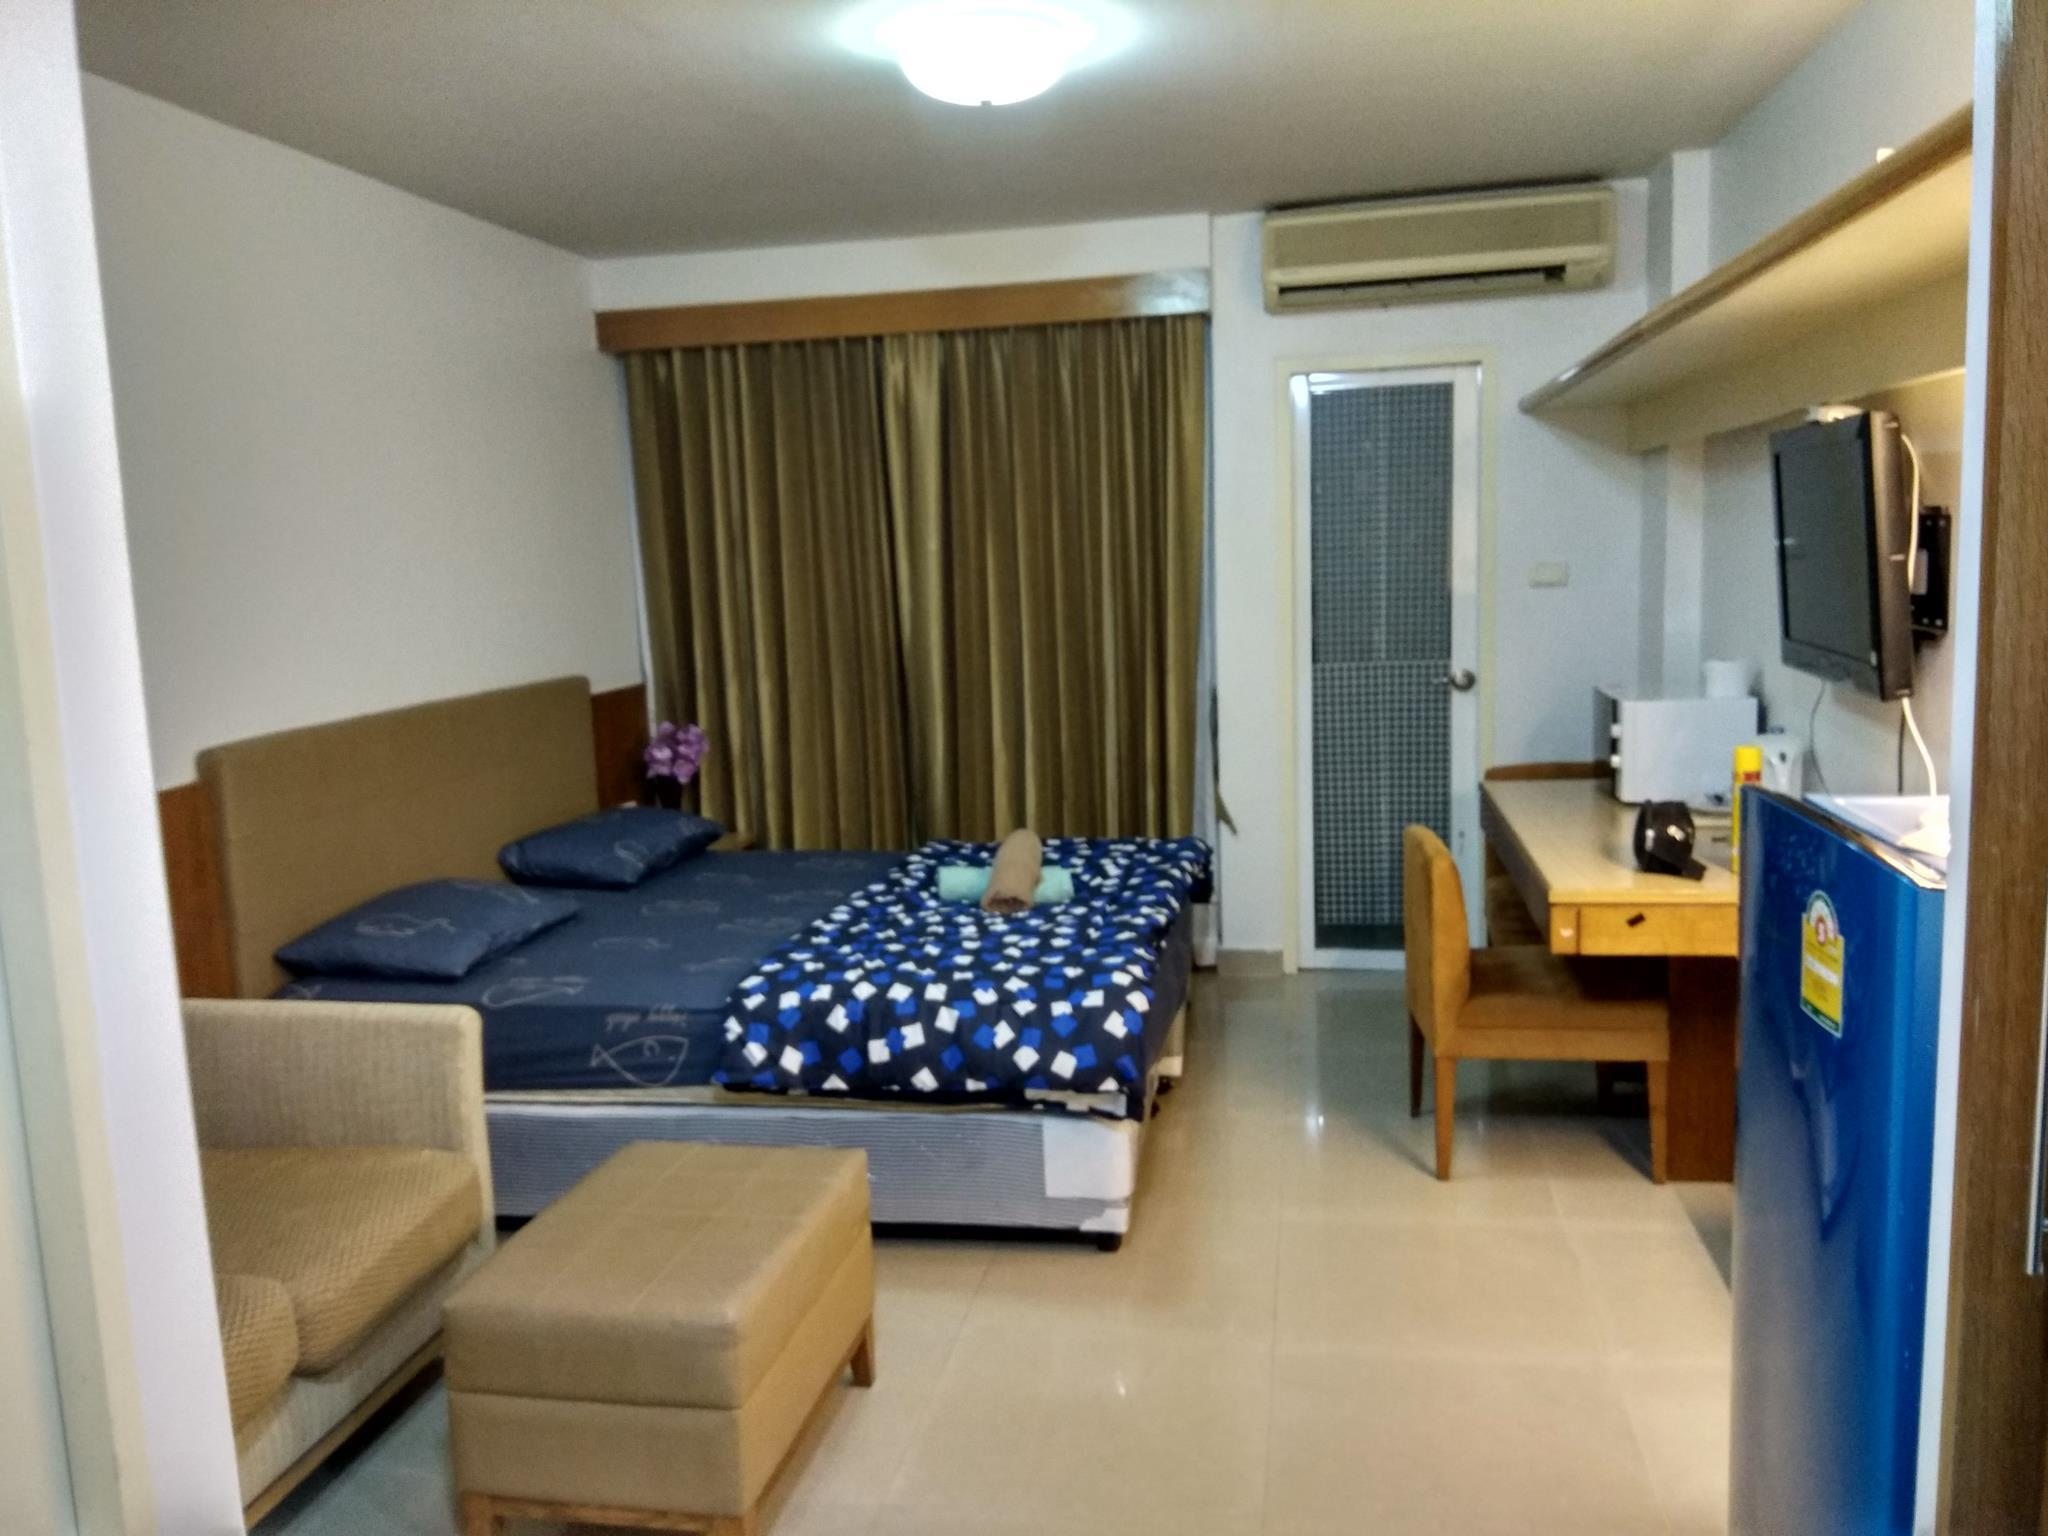 HomeStay Premium(2) near Bkk/Piyavet hospital HomeStay Premium(2) near Bkk/Piyavet hospital